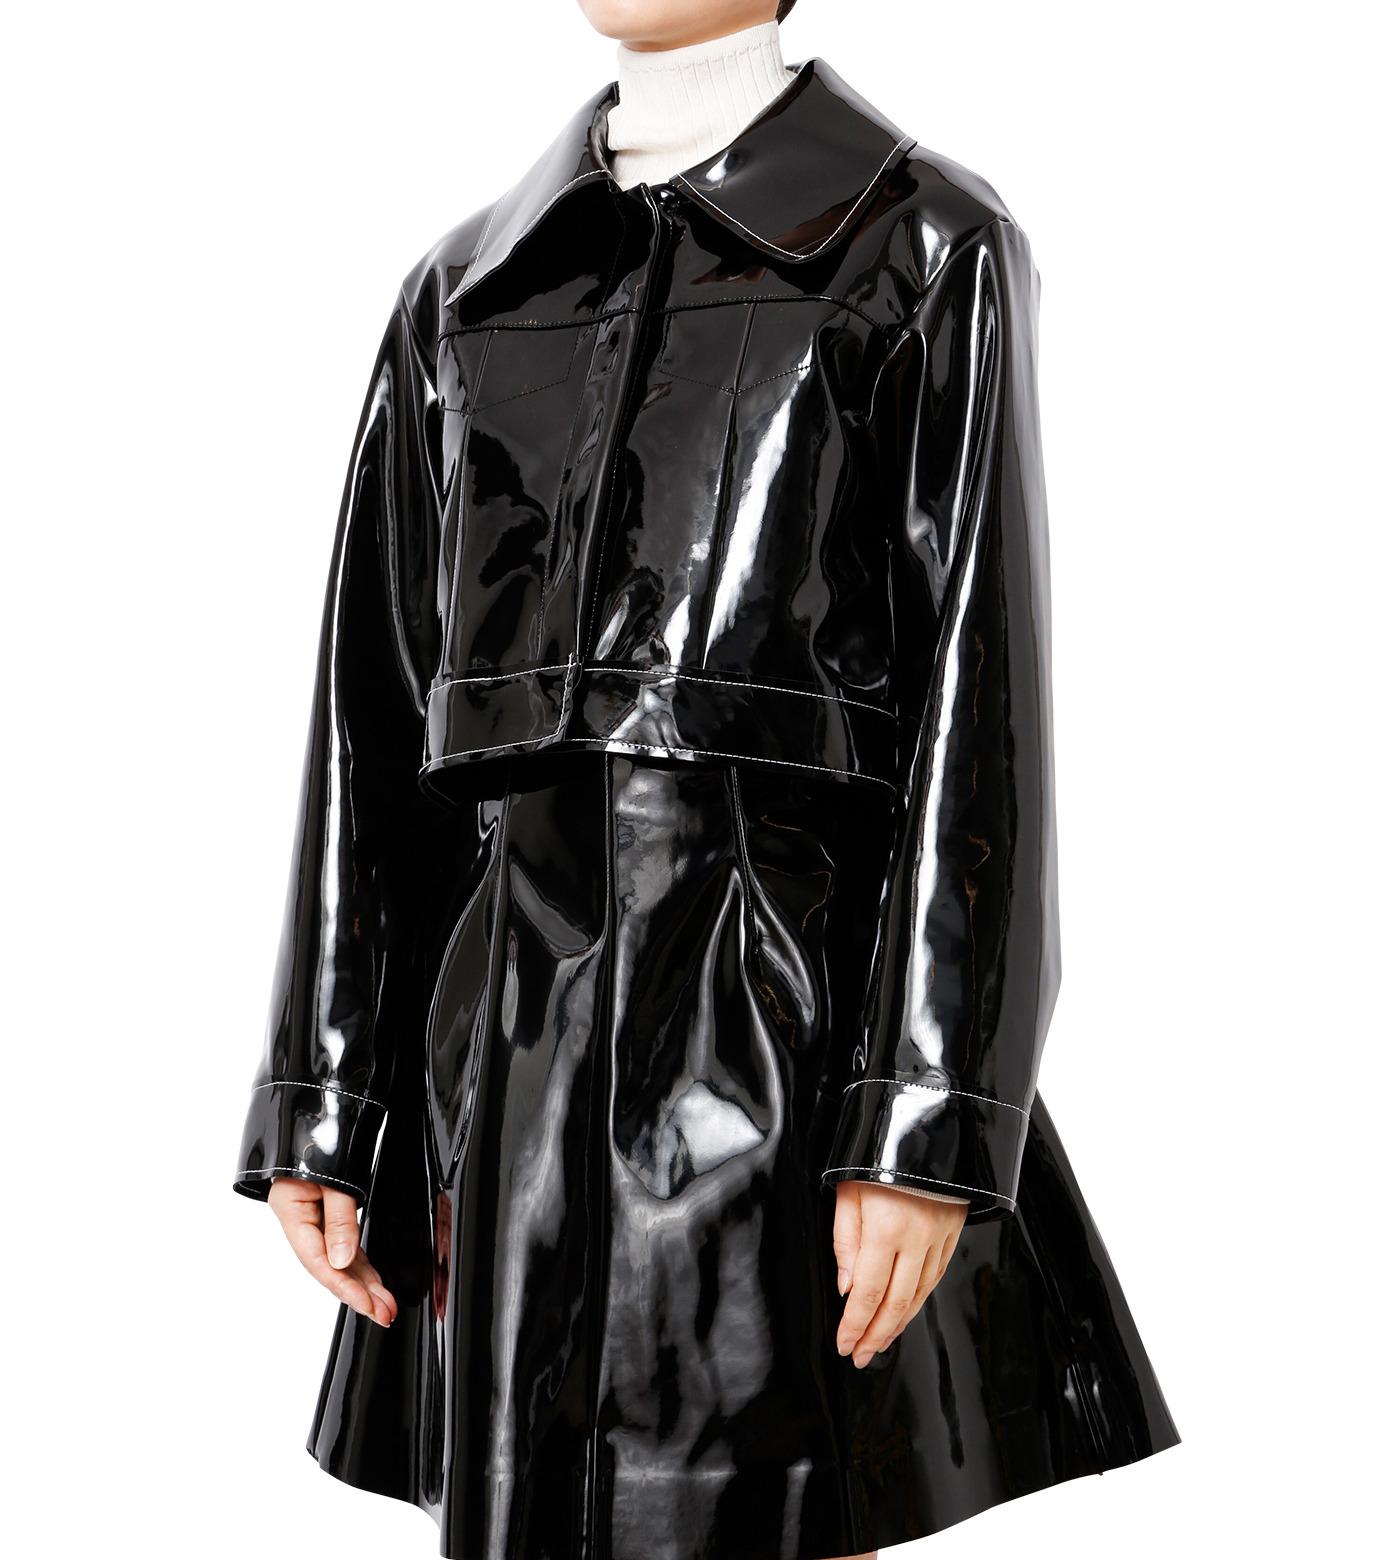 LE CIEL BLEU(ルシェルブルー)のフェイクエナメルビッグブルゾン-BLACK(ジャケット/jacket)-18A64407 拡大詳細画像1